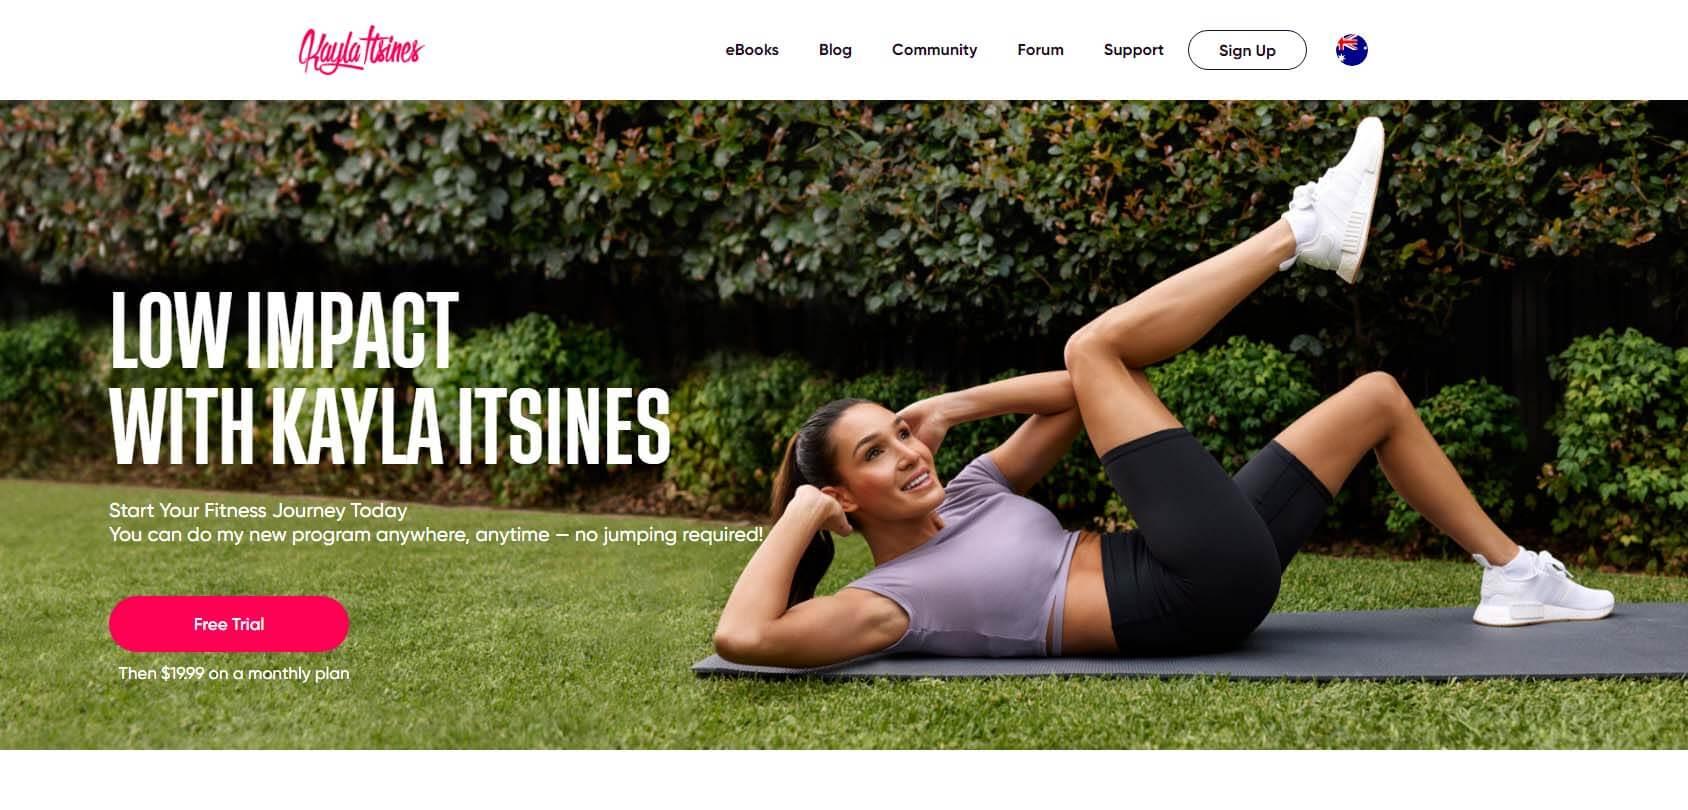 Kayla Itsines Homepage